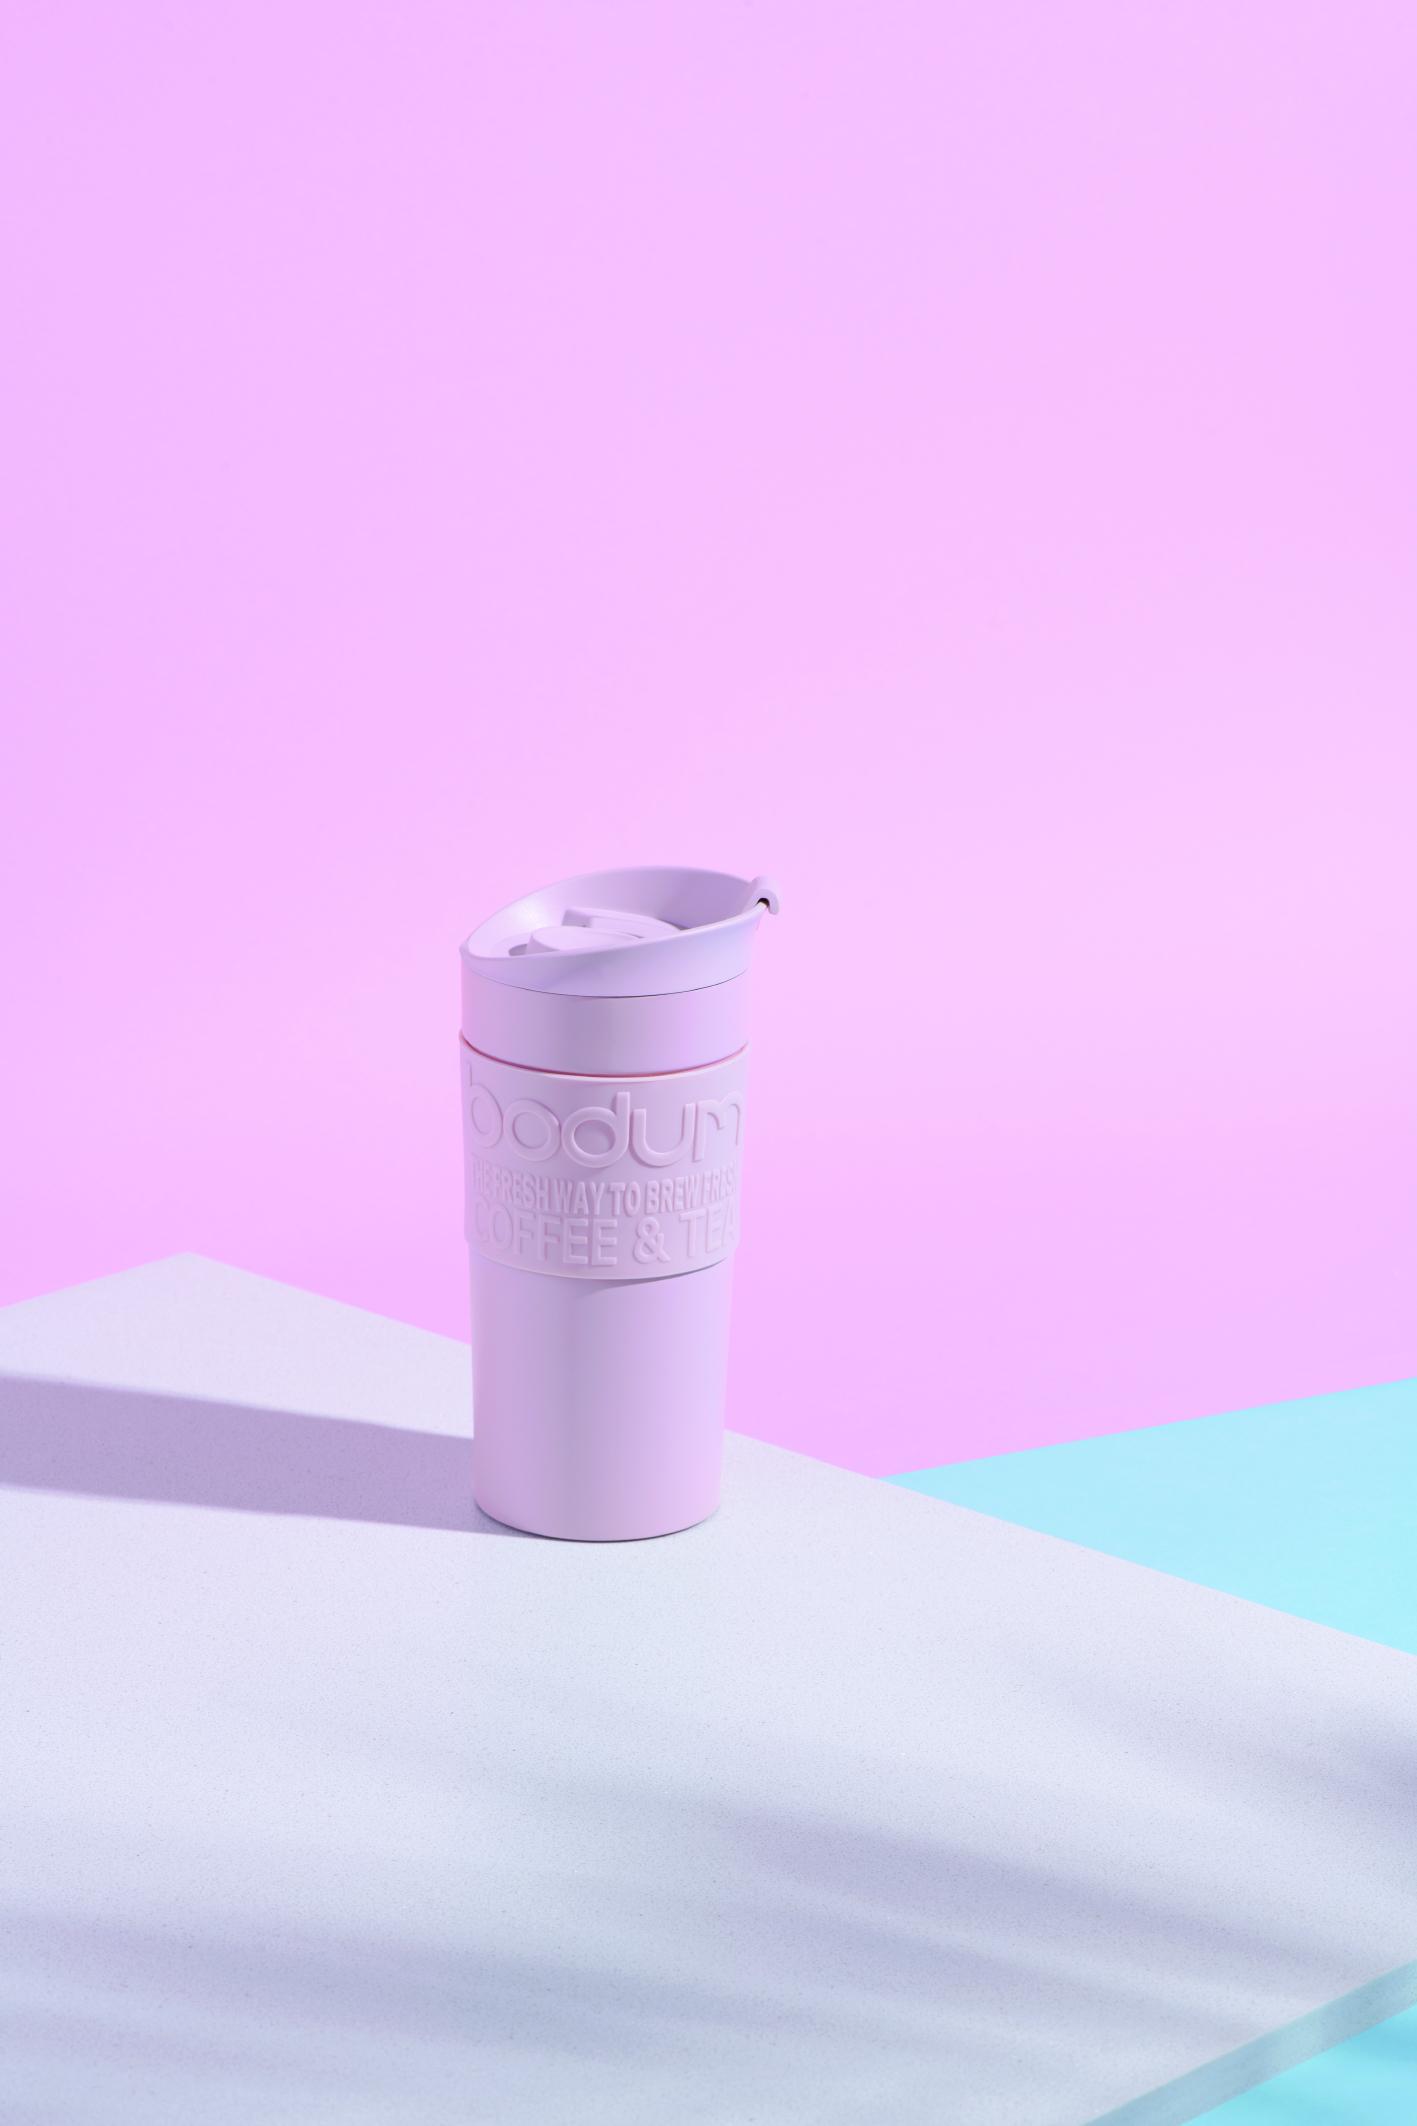 כוס To Go נירוסטה Strawberry